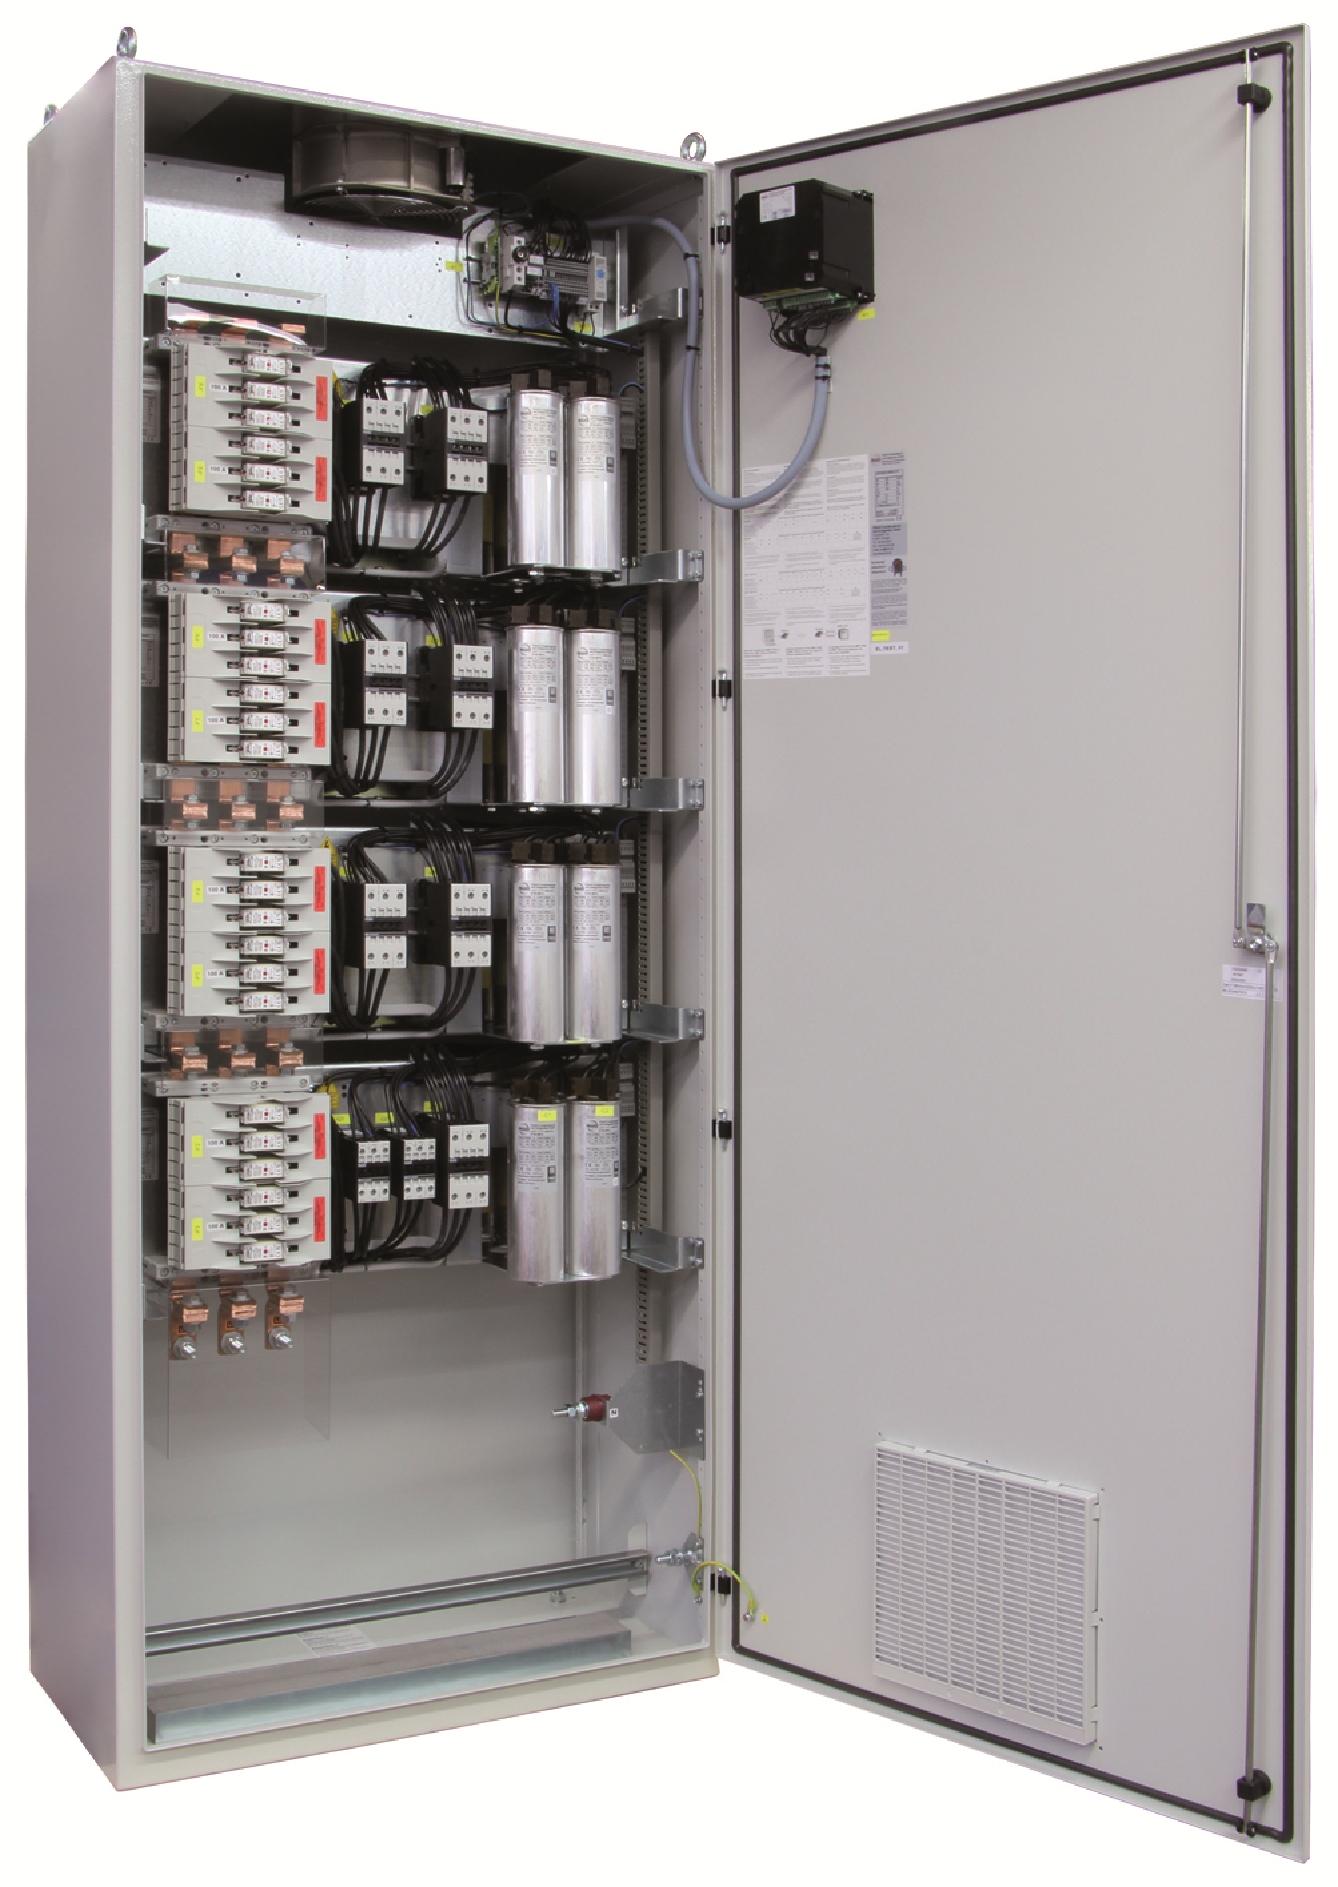 1 Stk Kompensation LSFC 14% 100/25kvar 600x2000x400mm FR3422622-